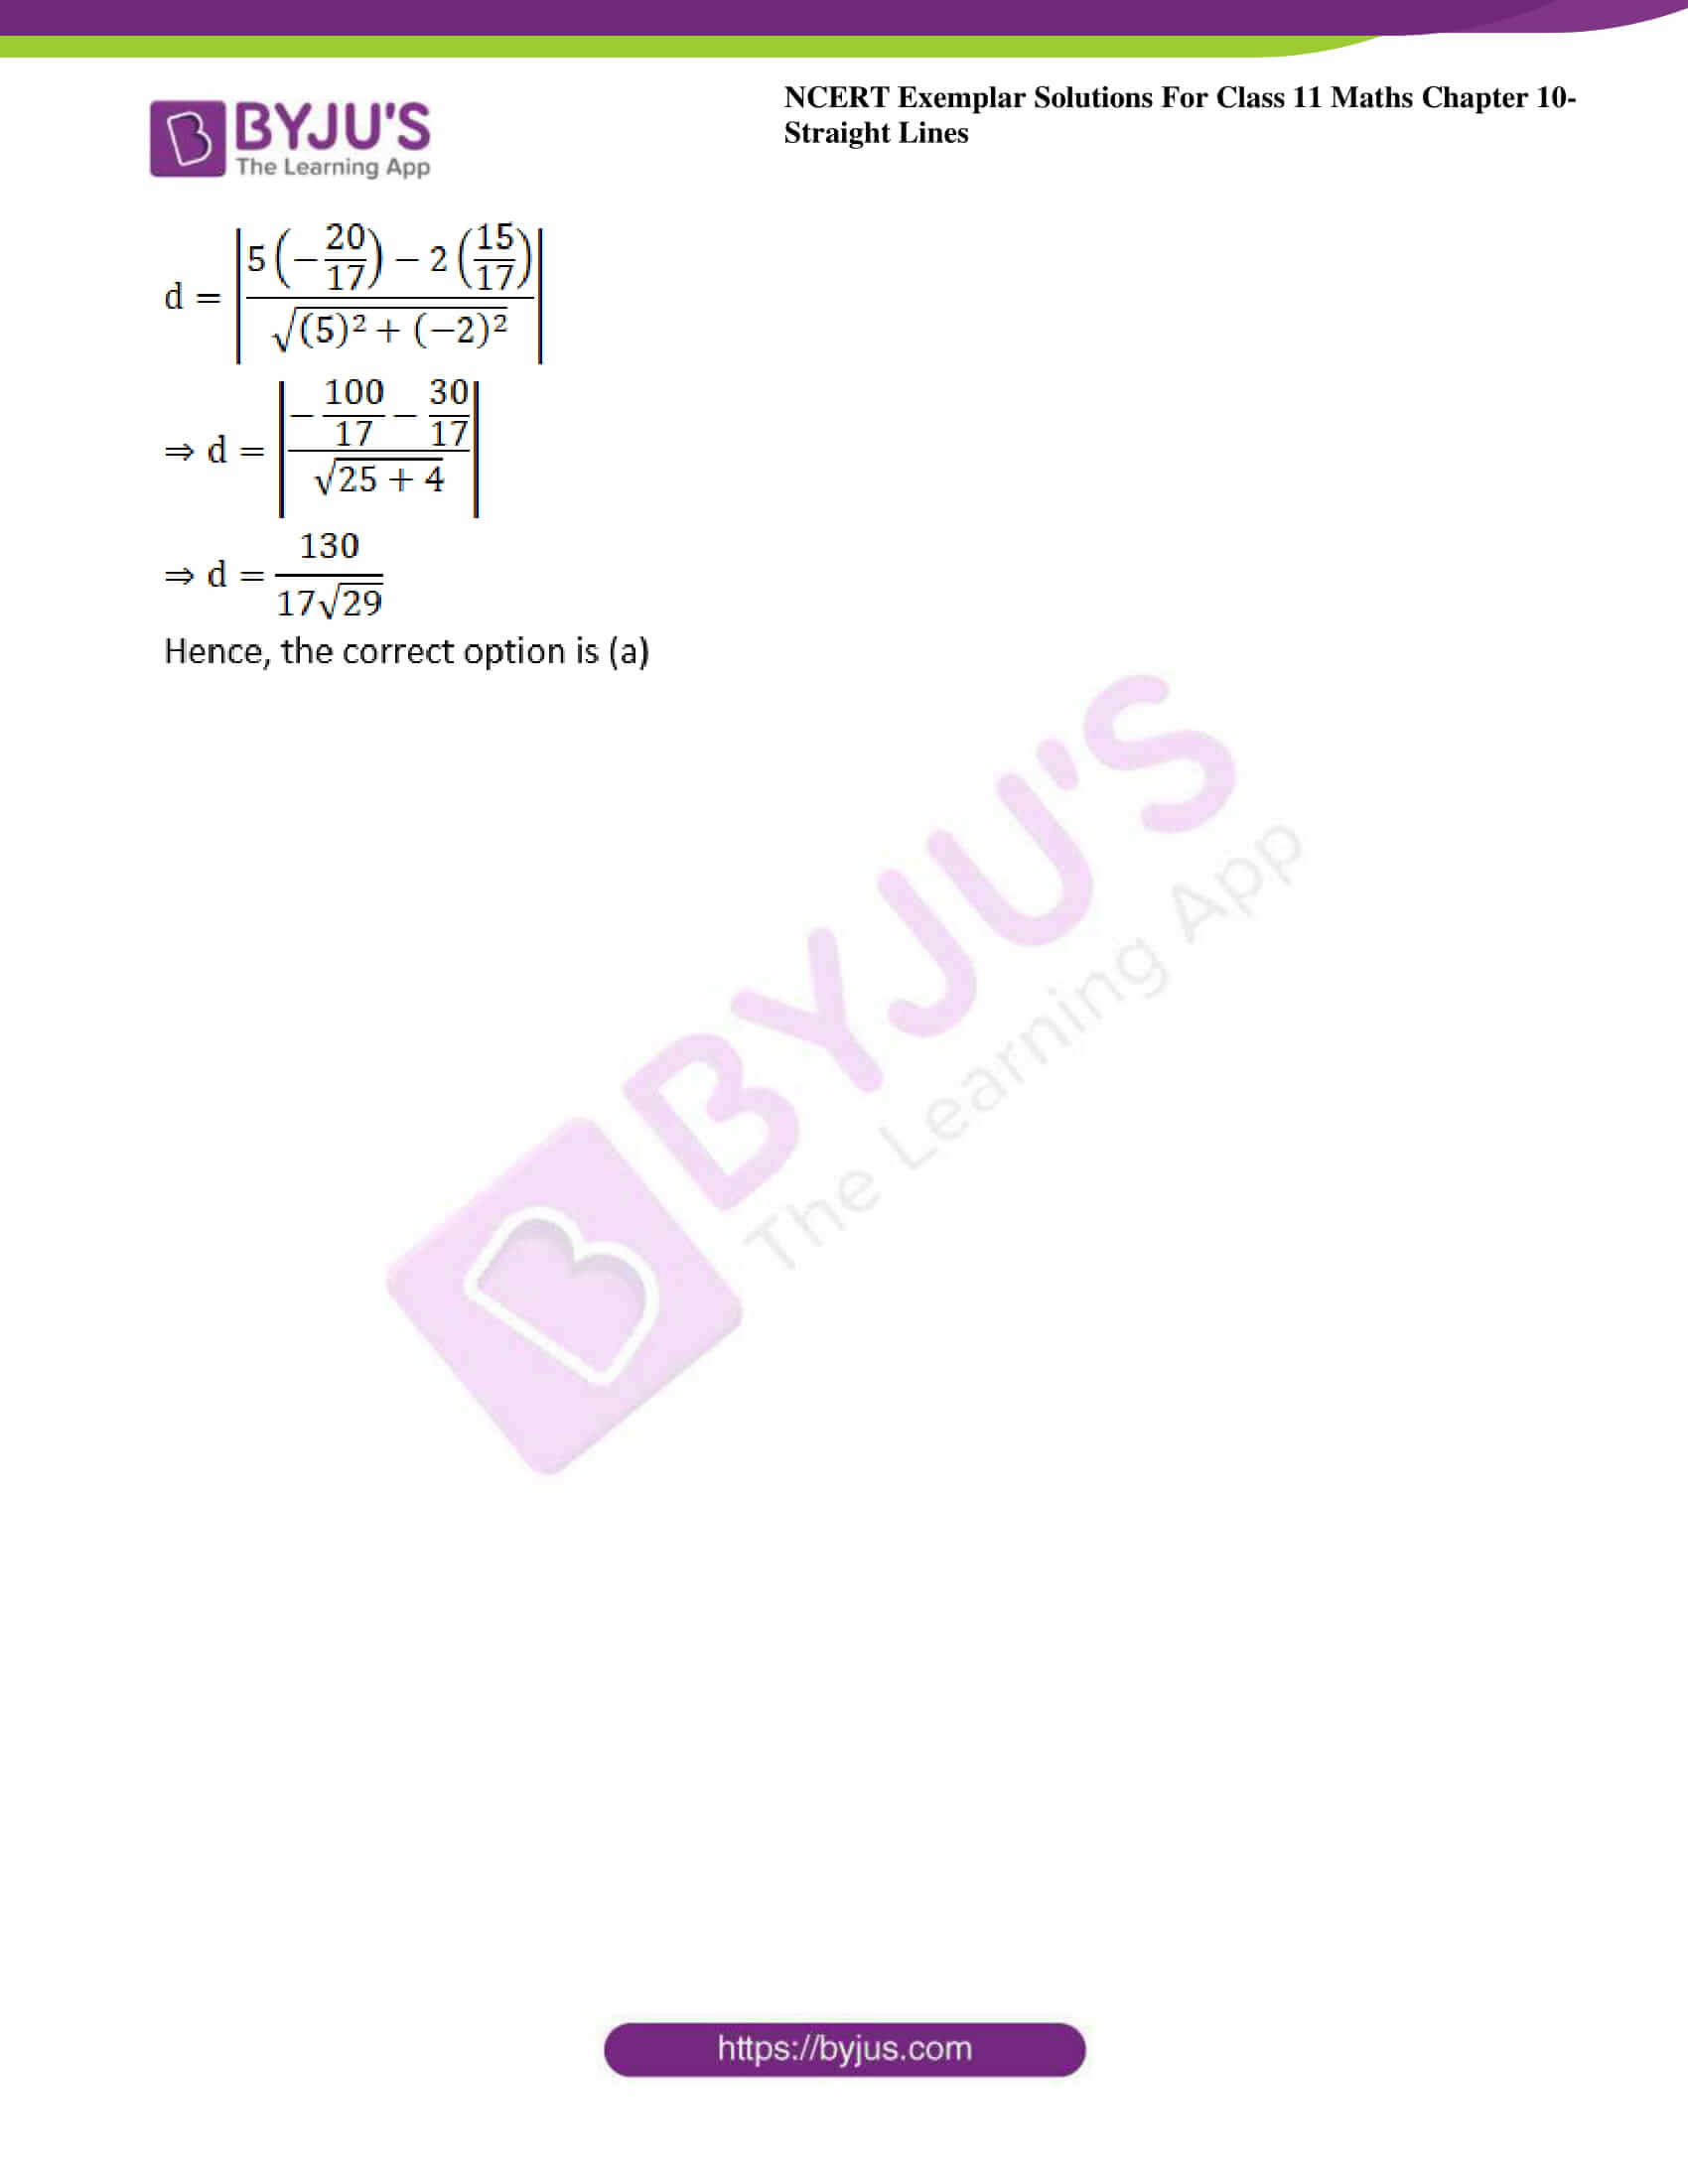 ncert exemplar sol class 11 maths chpt 10 straight lines 36